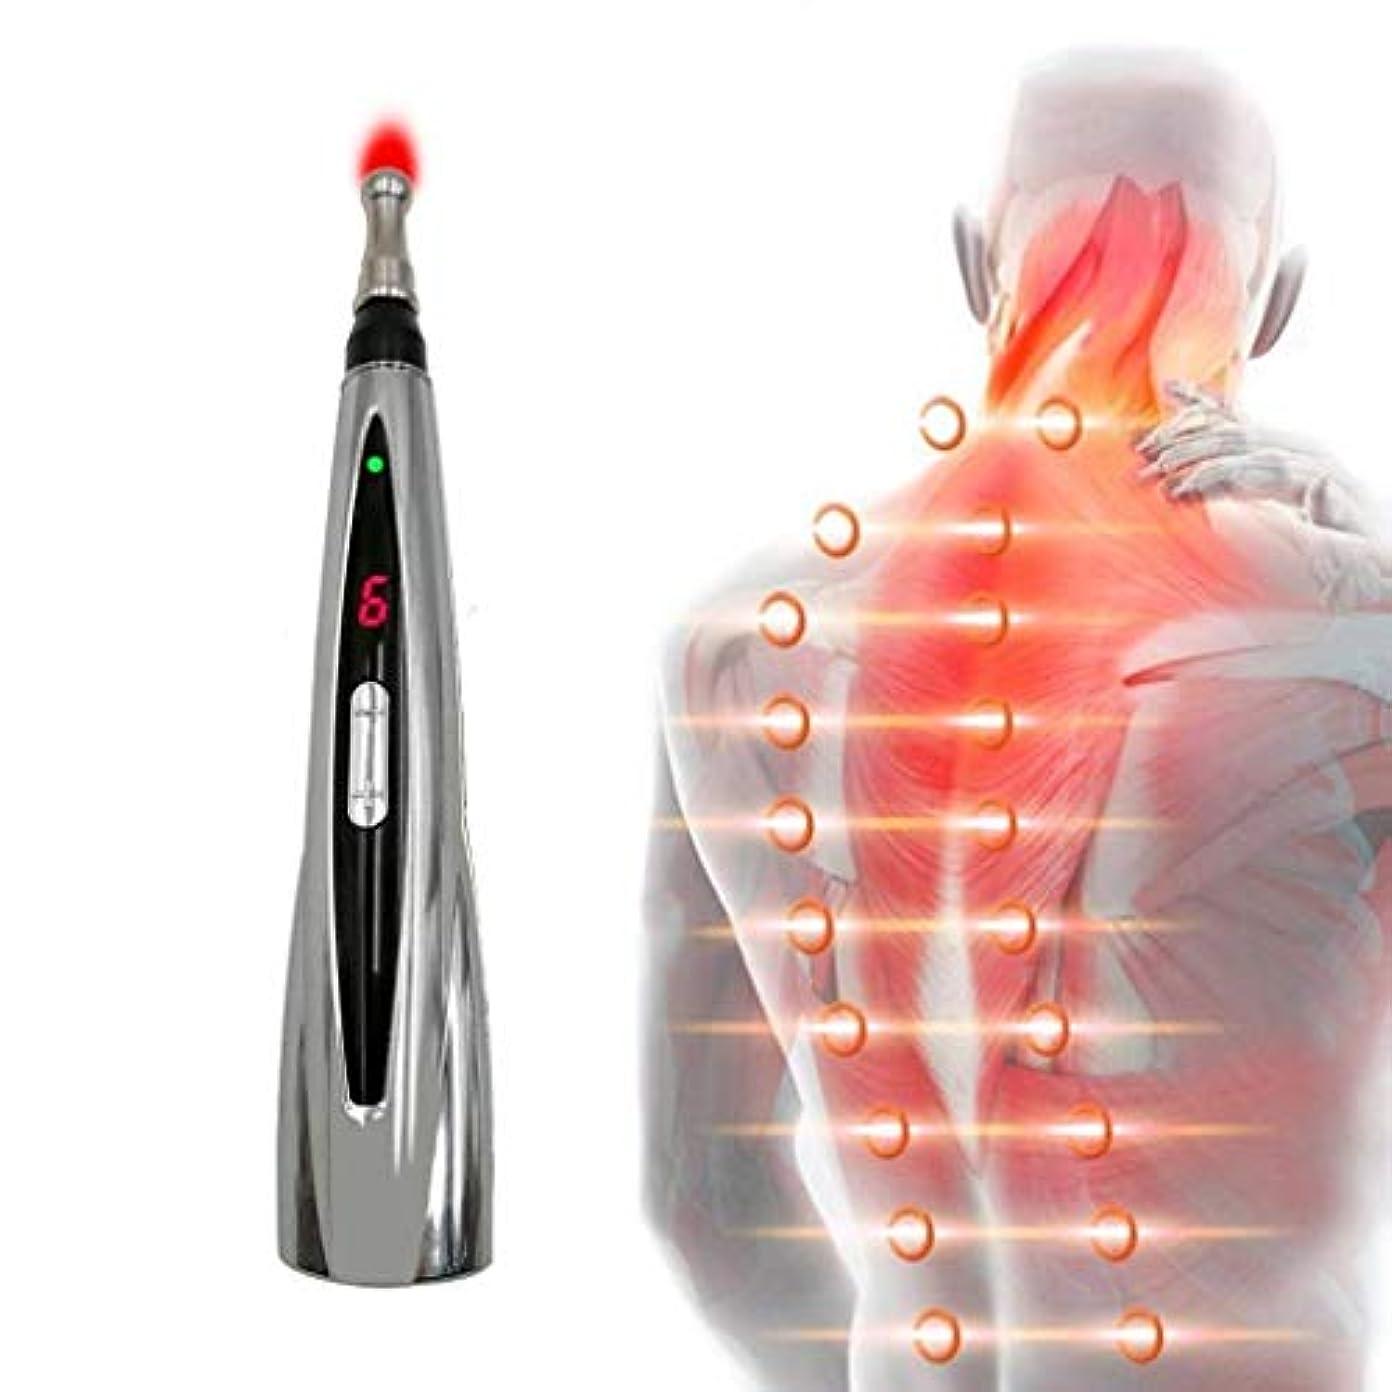 巻き取り市区町村共感する鍼治療ペン、エネルギーパルス指圧スティック、ホームマッサージャー、経絡edge器、電子鍼治療ペン、痛みを和らげ、ヘルスケア